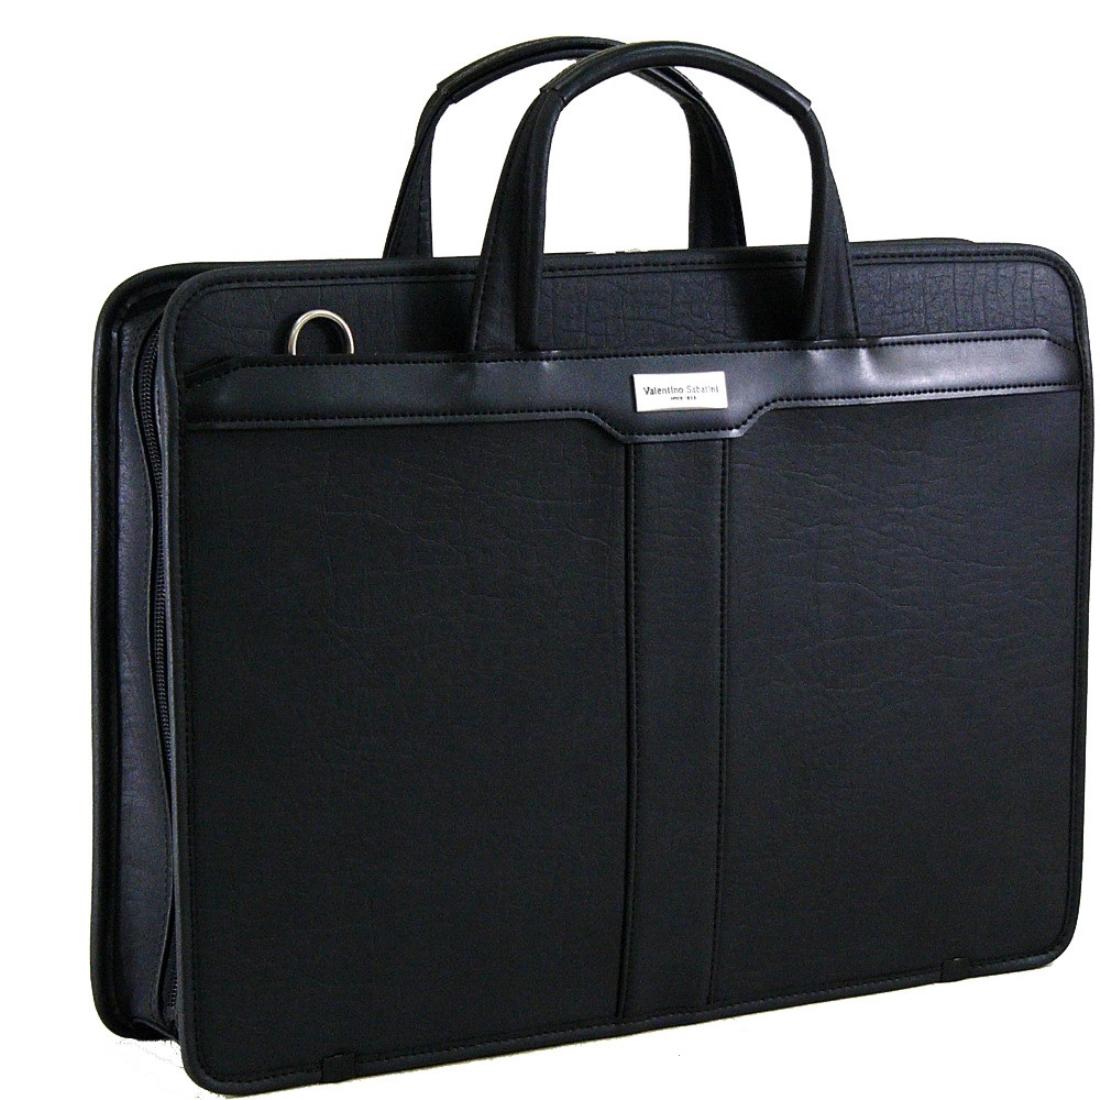 合皮フェイクレザークラッチバッグ ブラック ビジネスバッグ 日本製日本 クラッチ バッグ 革 鞄 国産 本革/付属